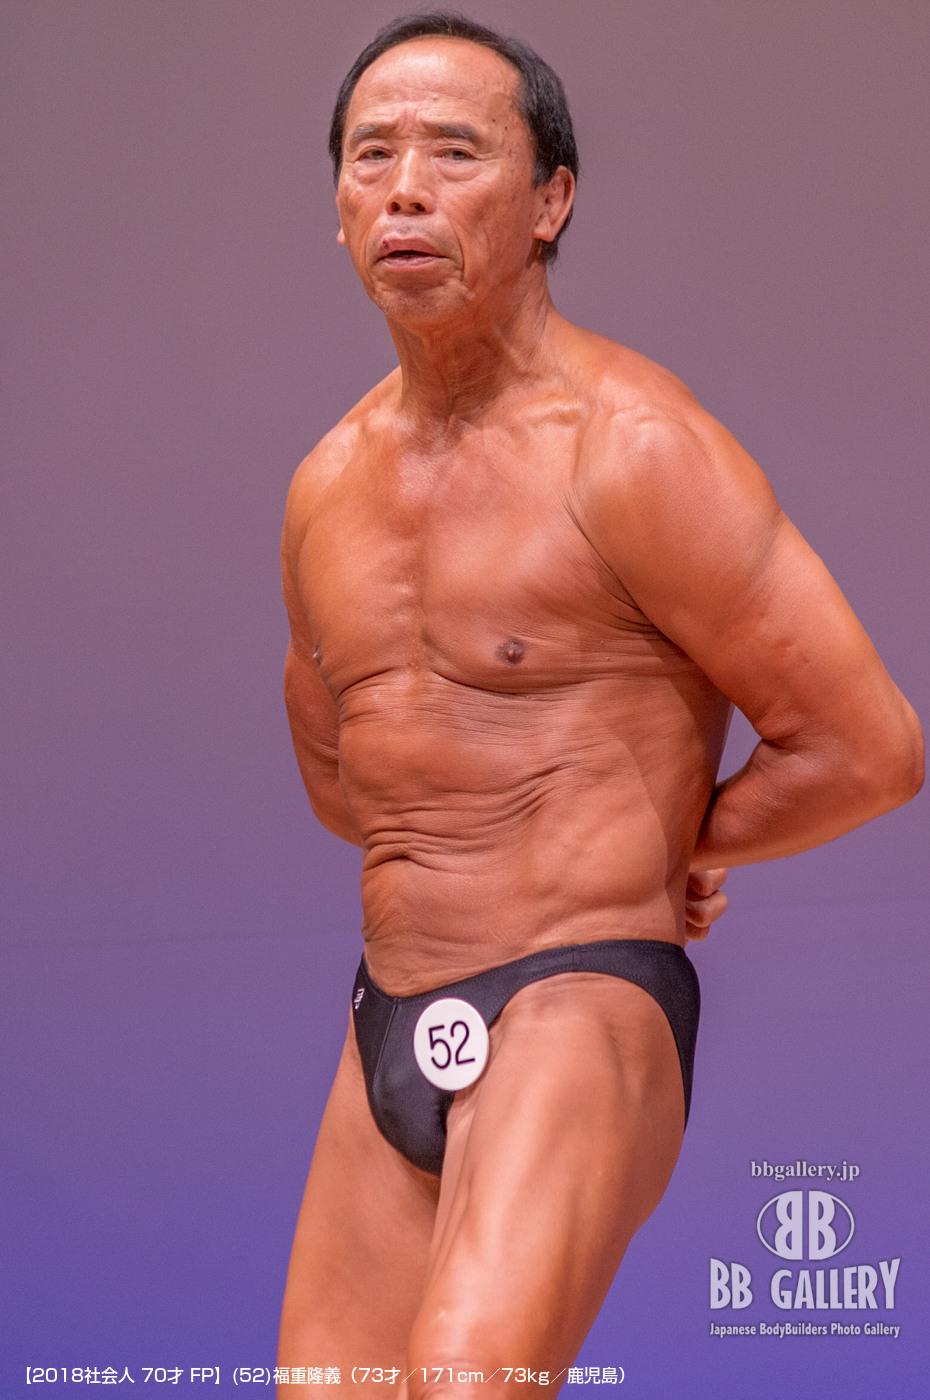 【2018社会人 70才 FP】(52)福重隆義(73才/171cm/73kg/鹿児島)